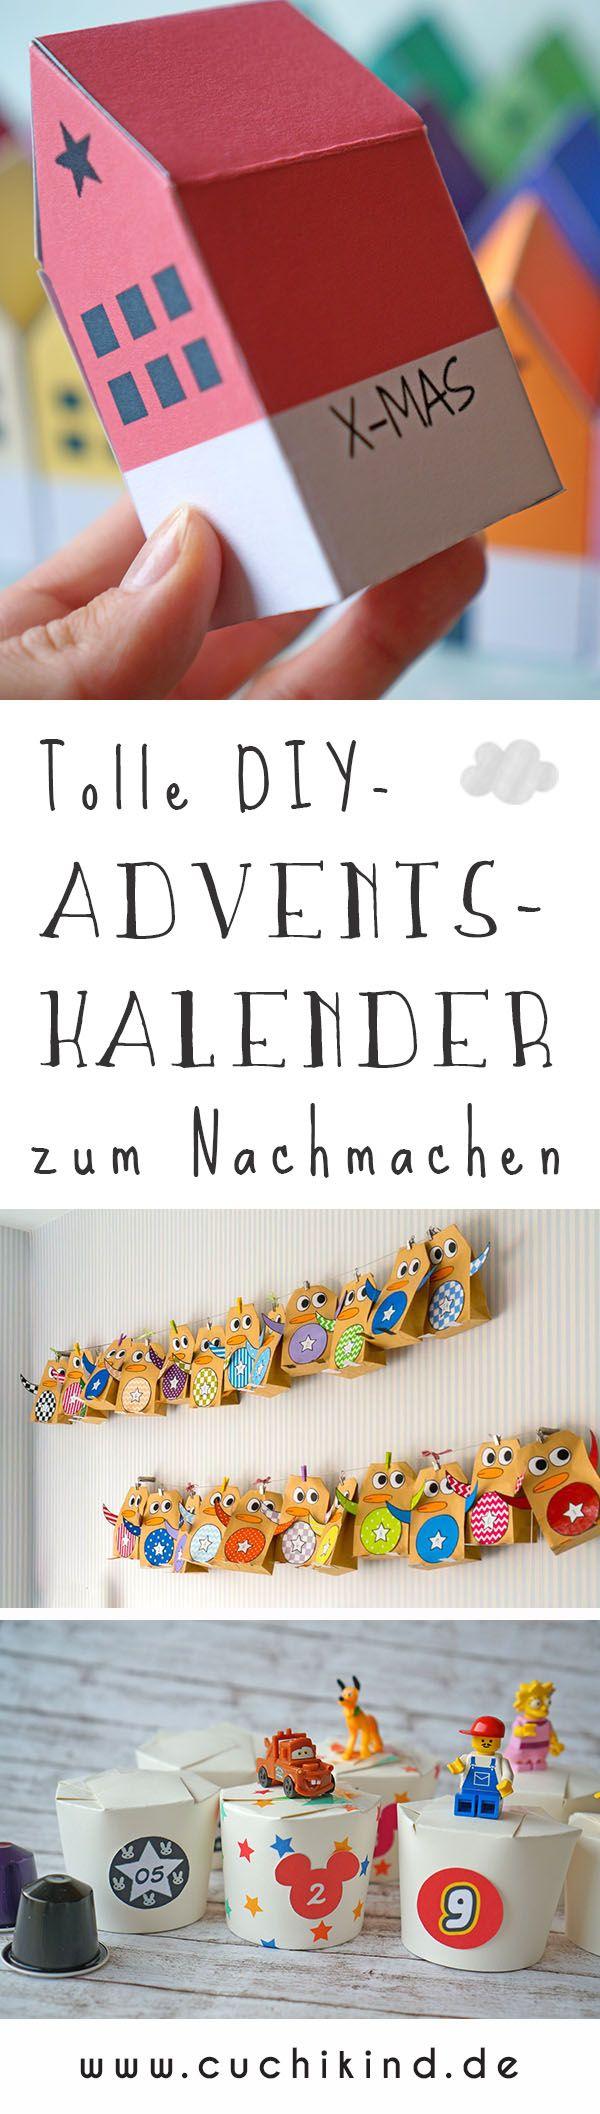 Tolle DIY-Adventskalender zum Nachbasteln. Pantone-Häuschen, Pinguine und Kalender aus Pappbechern. Mit Disney, Kaffee und Lego #adventskalender